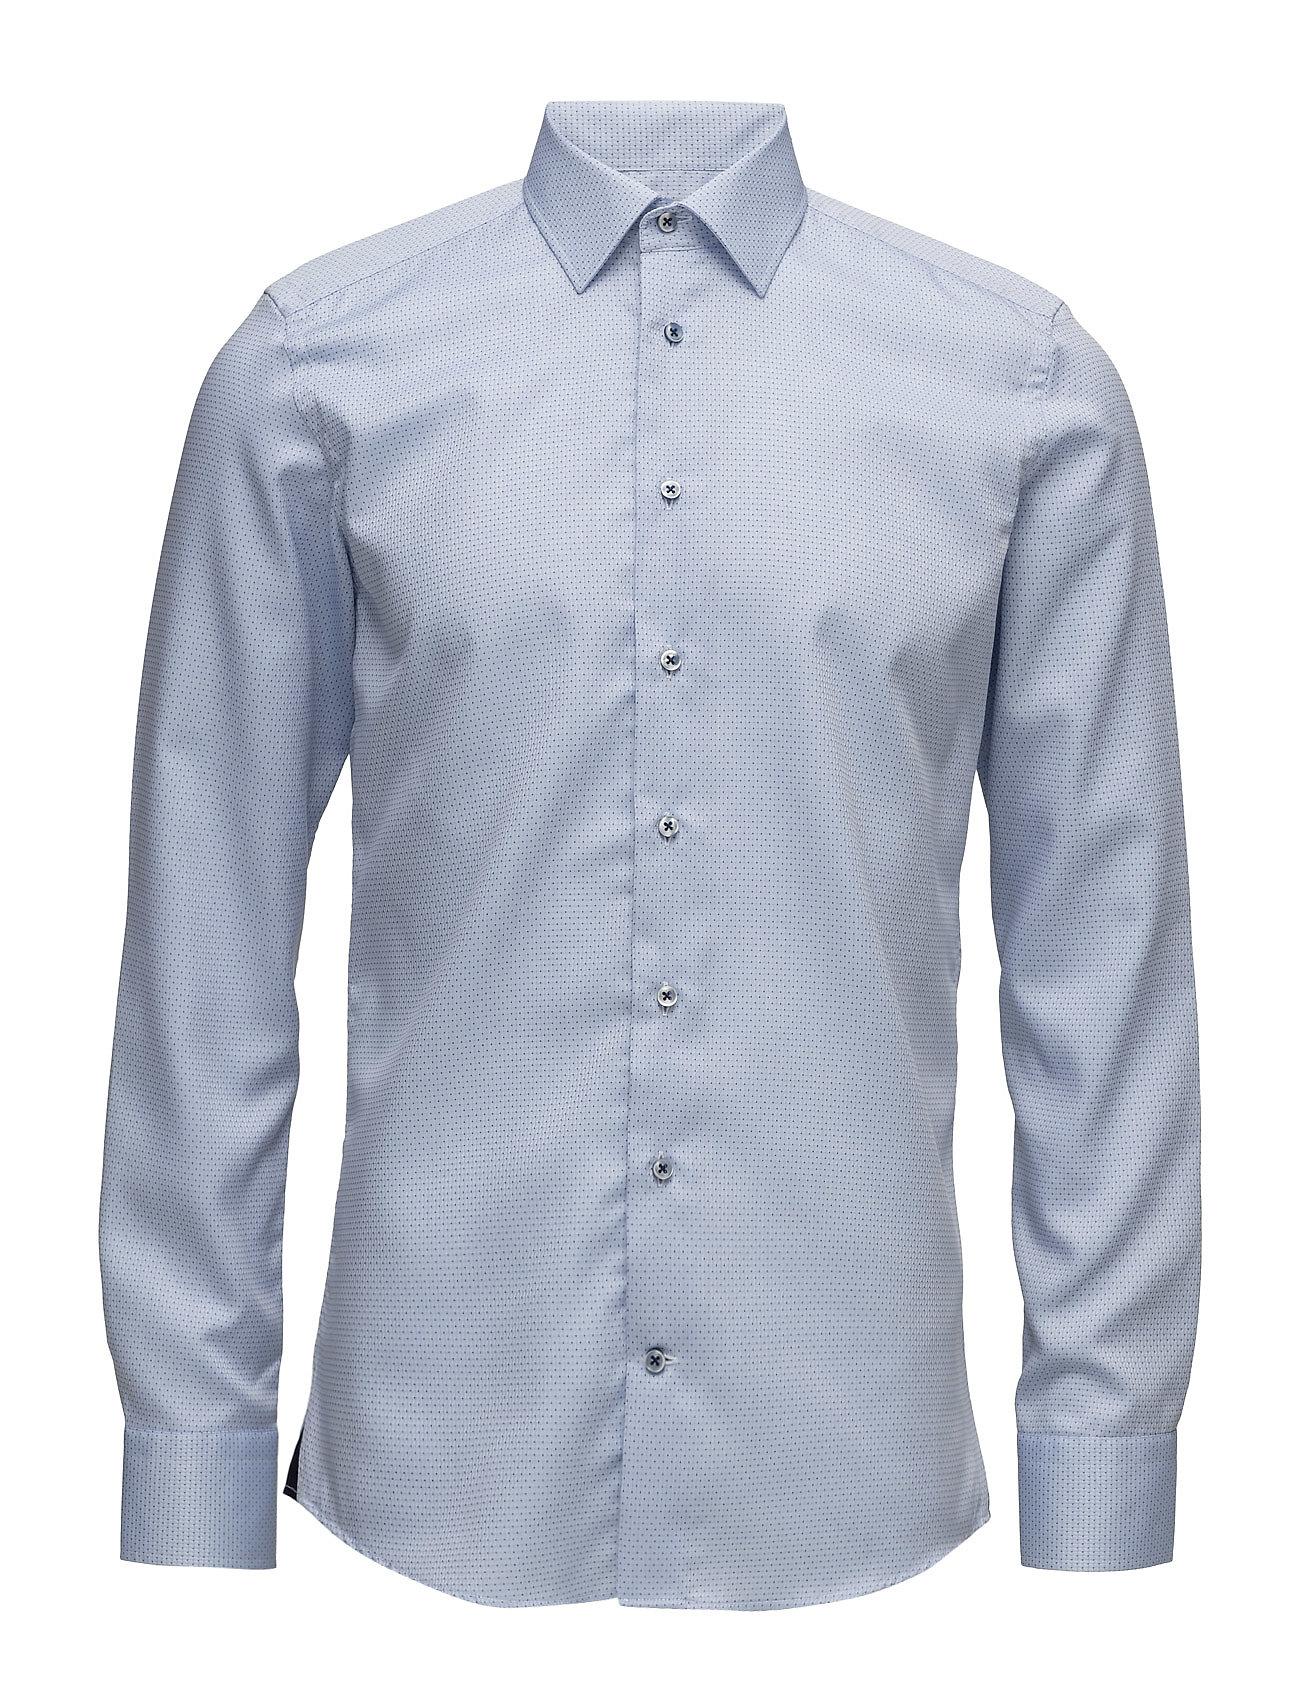 8814 - jake sc fra xo shirtmaker fra boozt.com dk